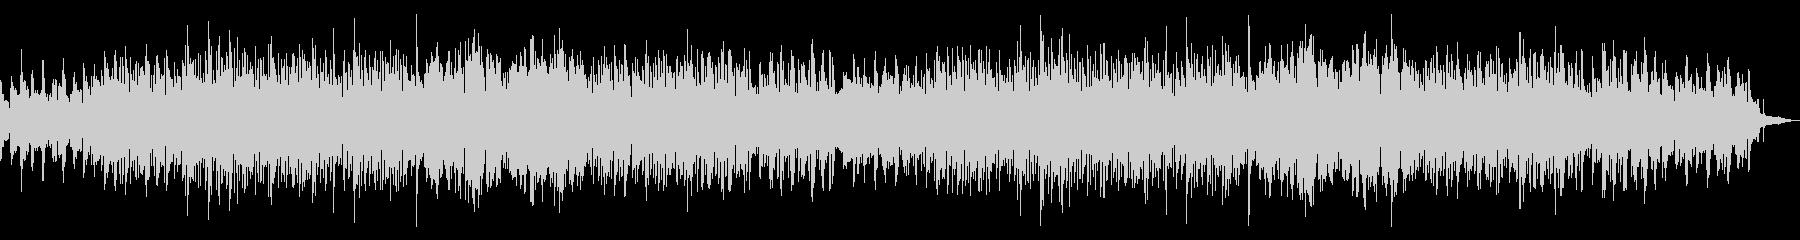 パッフェルベルのカノン(海の癒しver)の未再生の波形